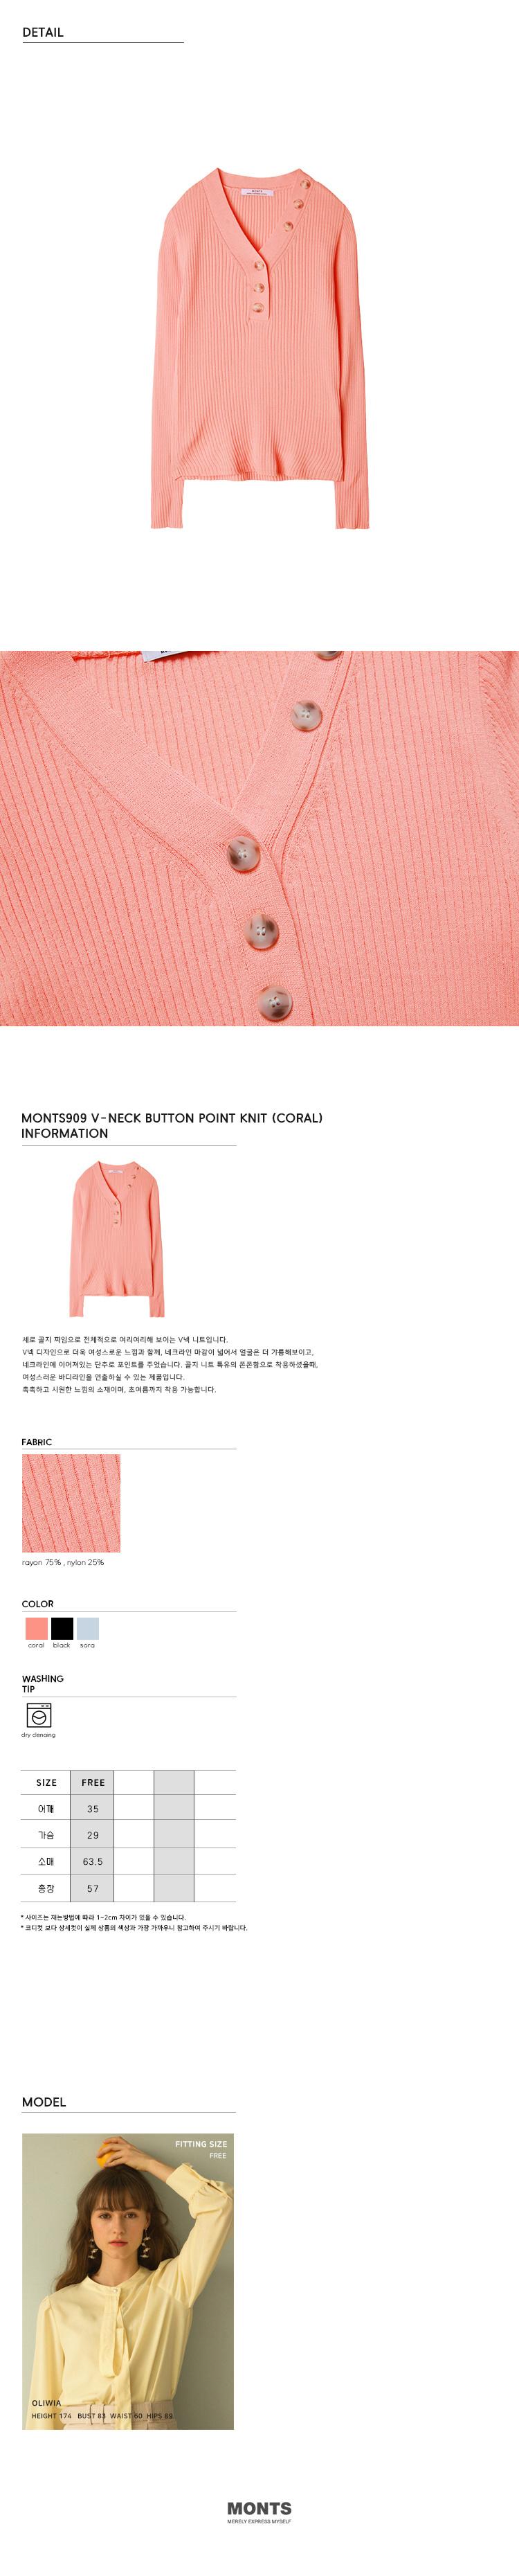 몬츠(MONTS) 909 v-neck button point knit (coral)